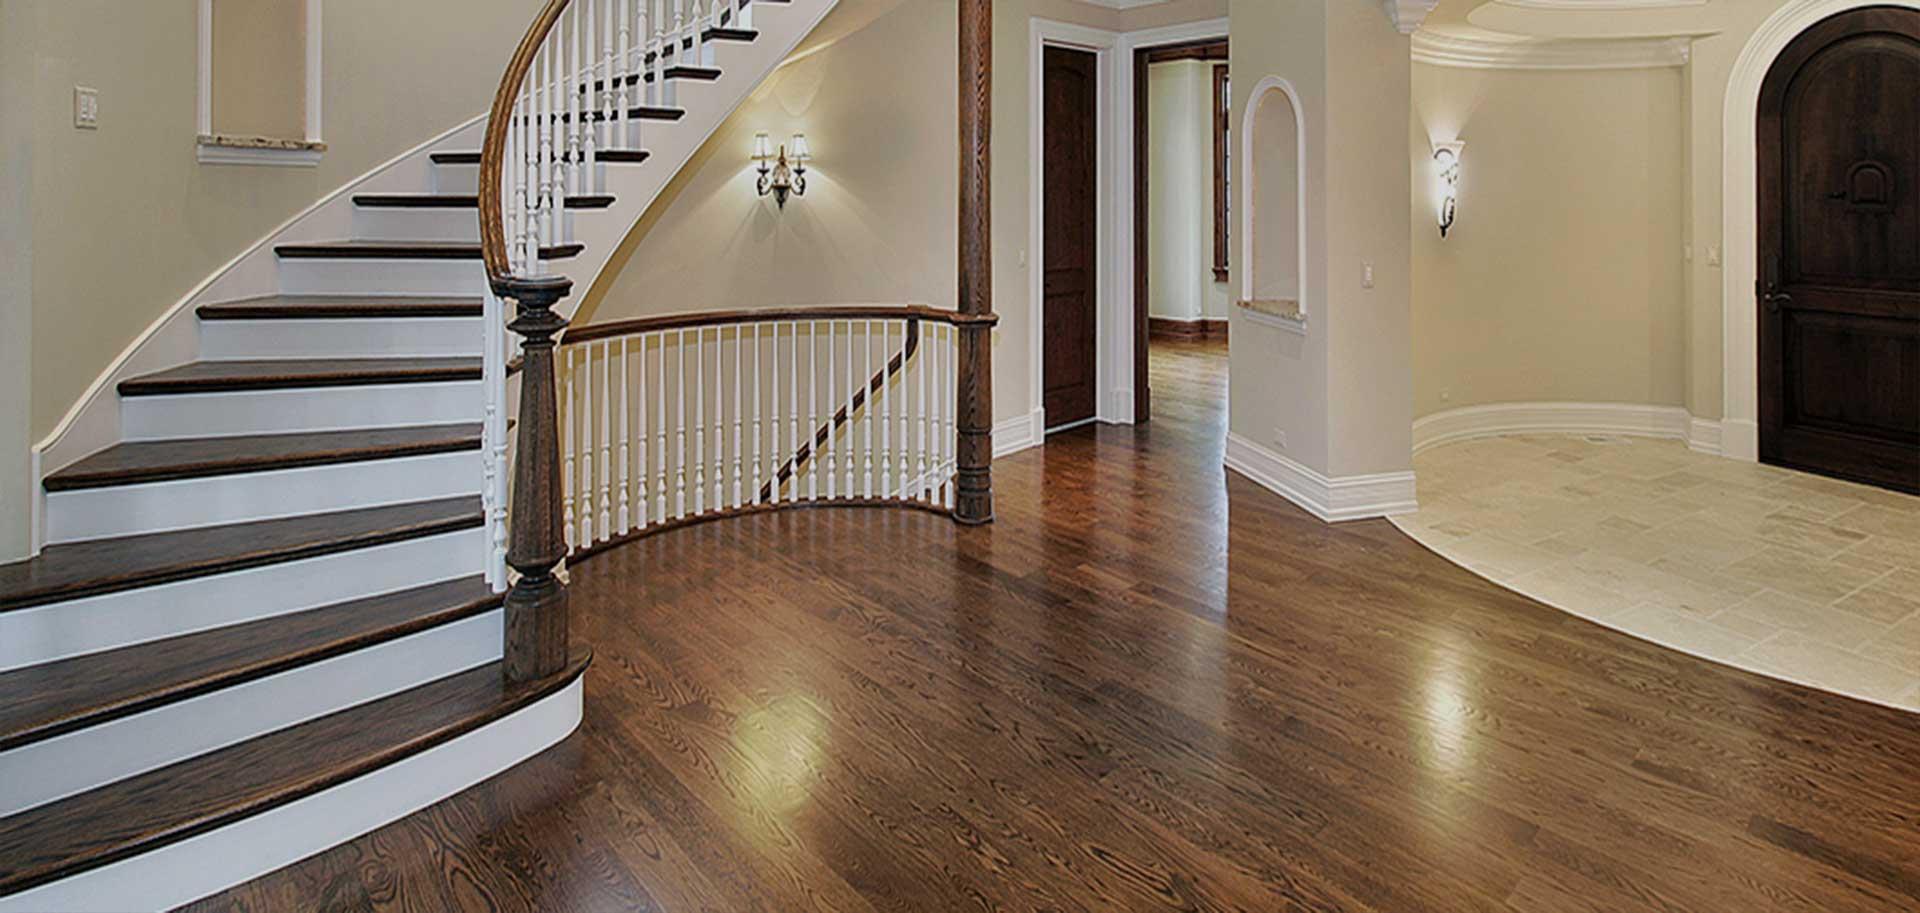 Flooring carpeting wood floor repair manassas fairfax va tb high quality flooring for less dailygadgetfo Images